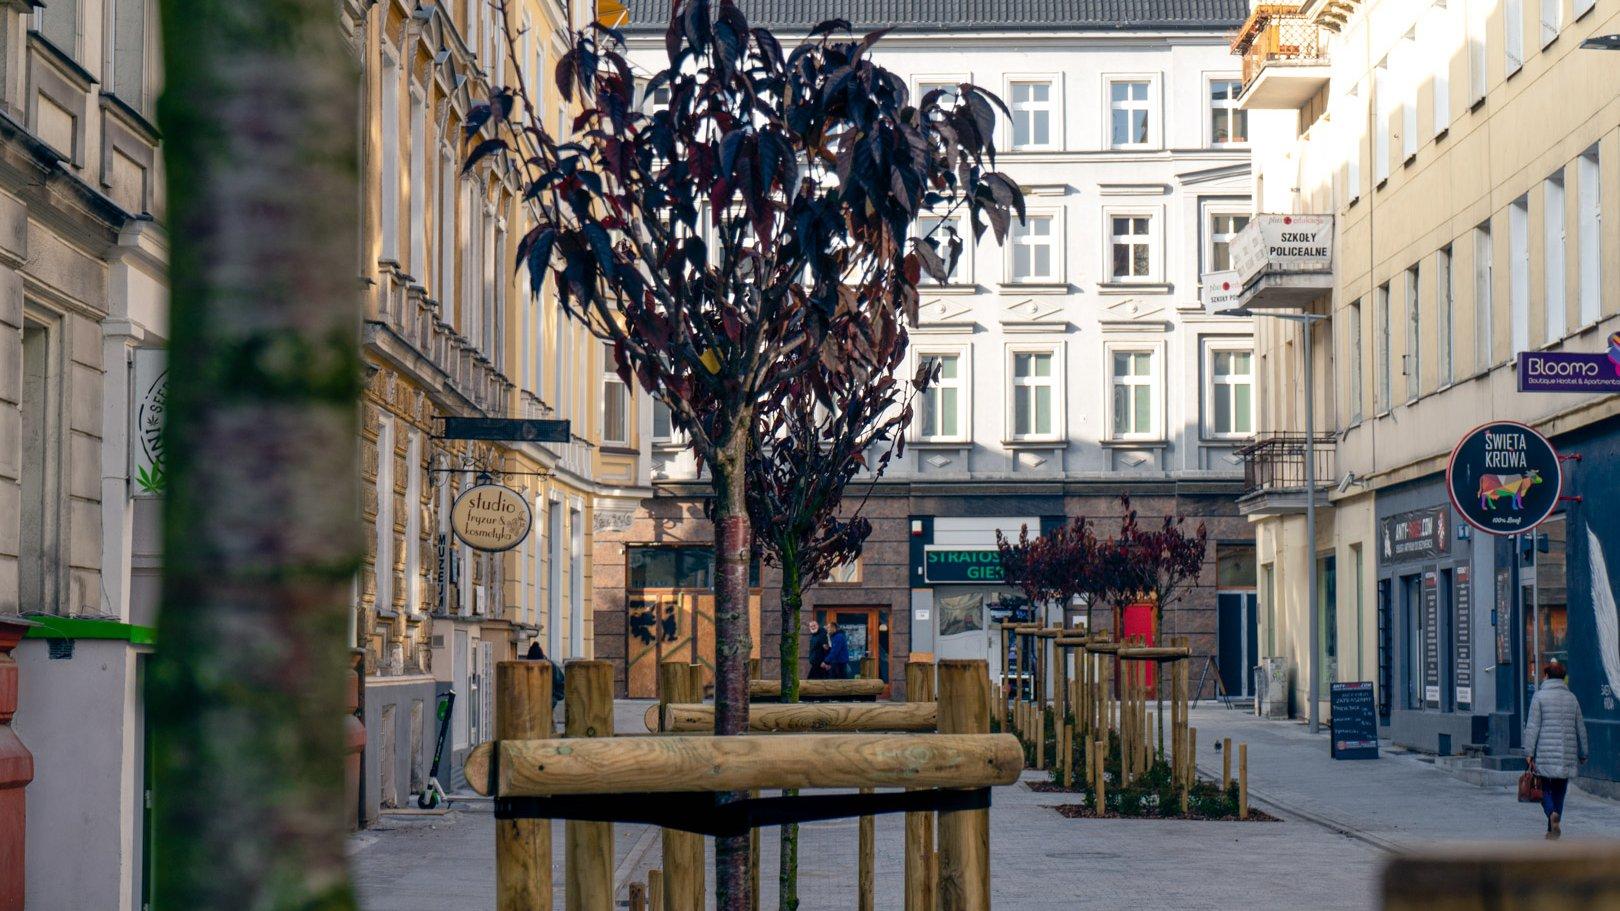 Nowa zieleń na ul. Kwiatowej - grafika artykułu